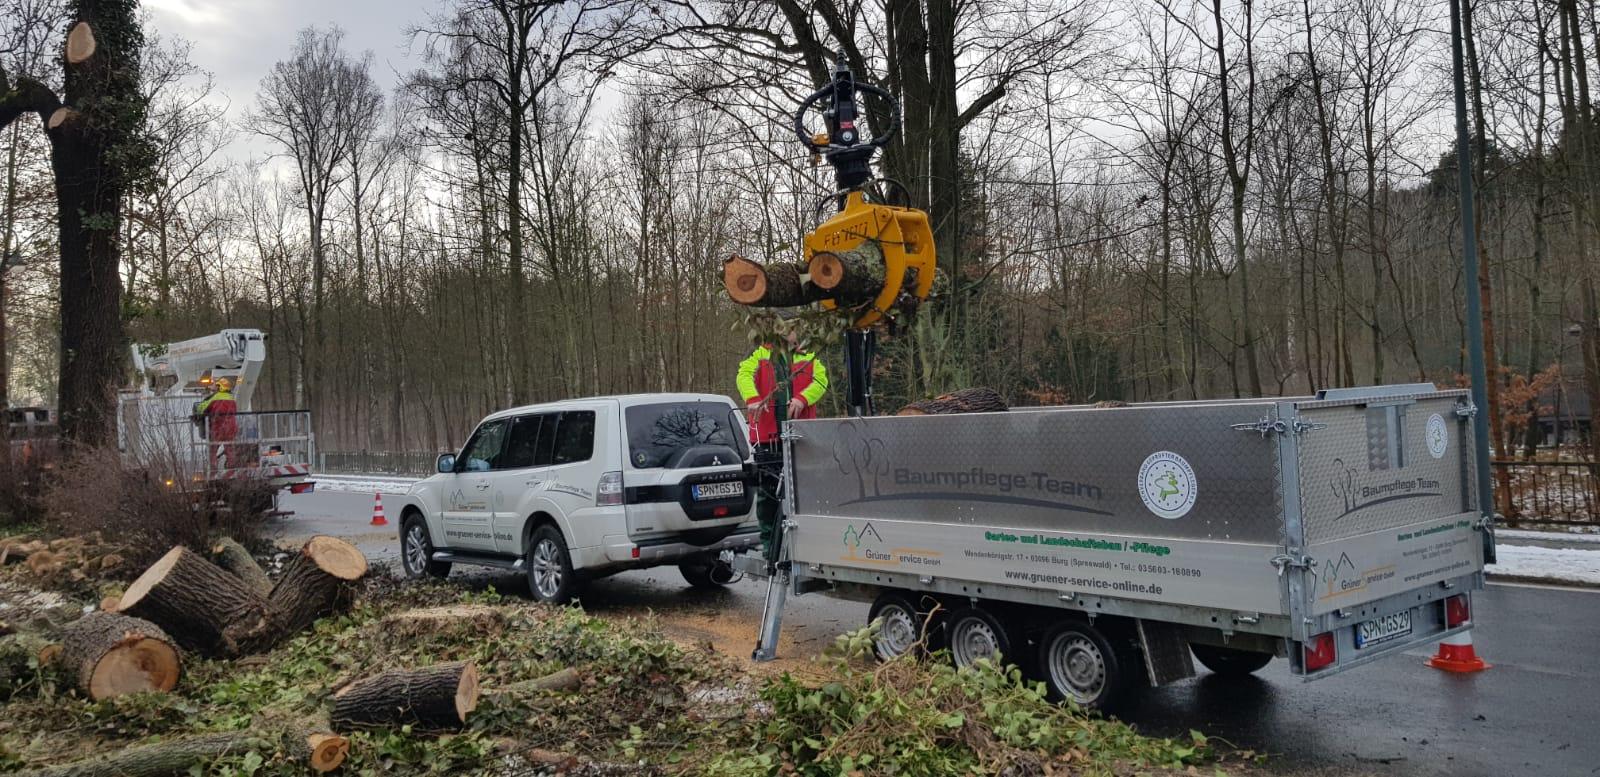 Stammholzentsorgung mittels Ladekran